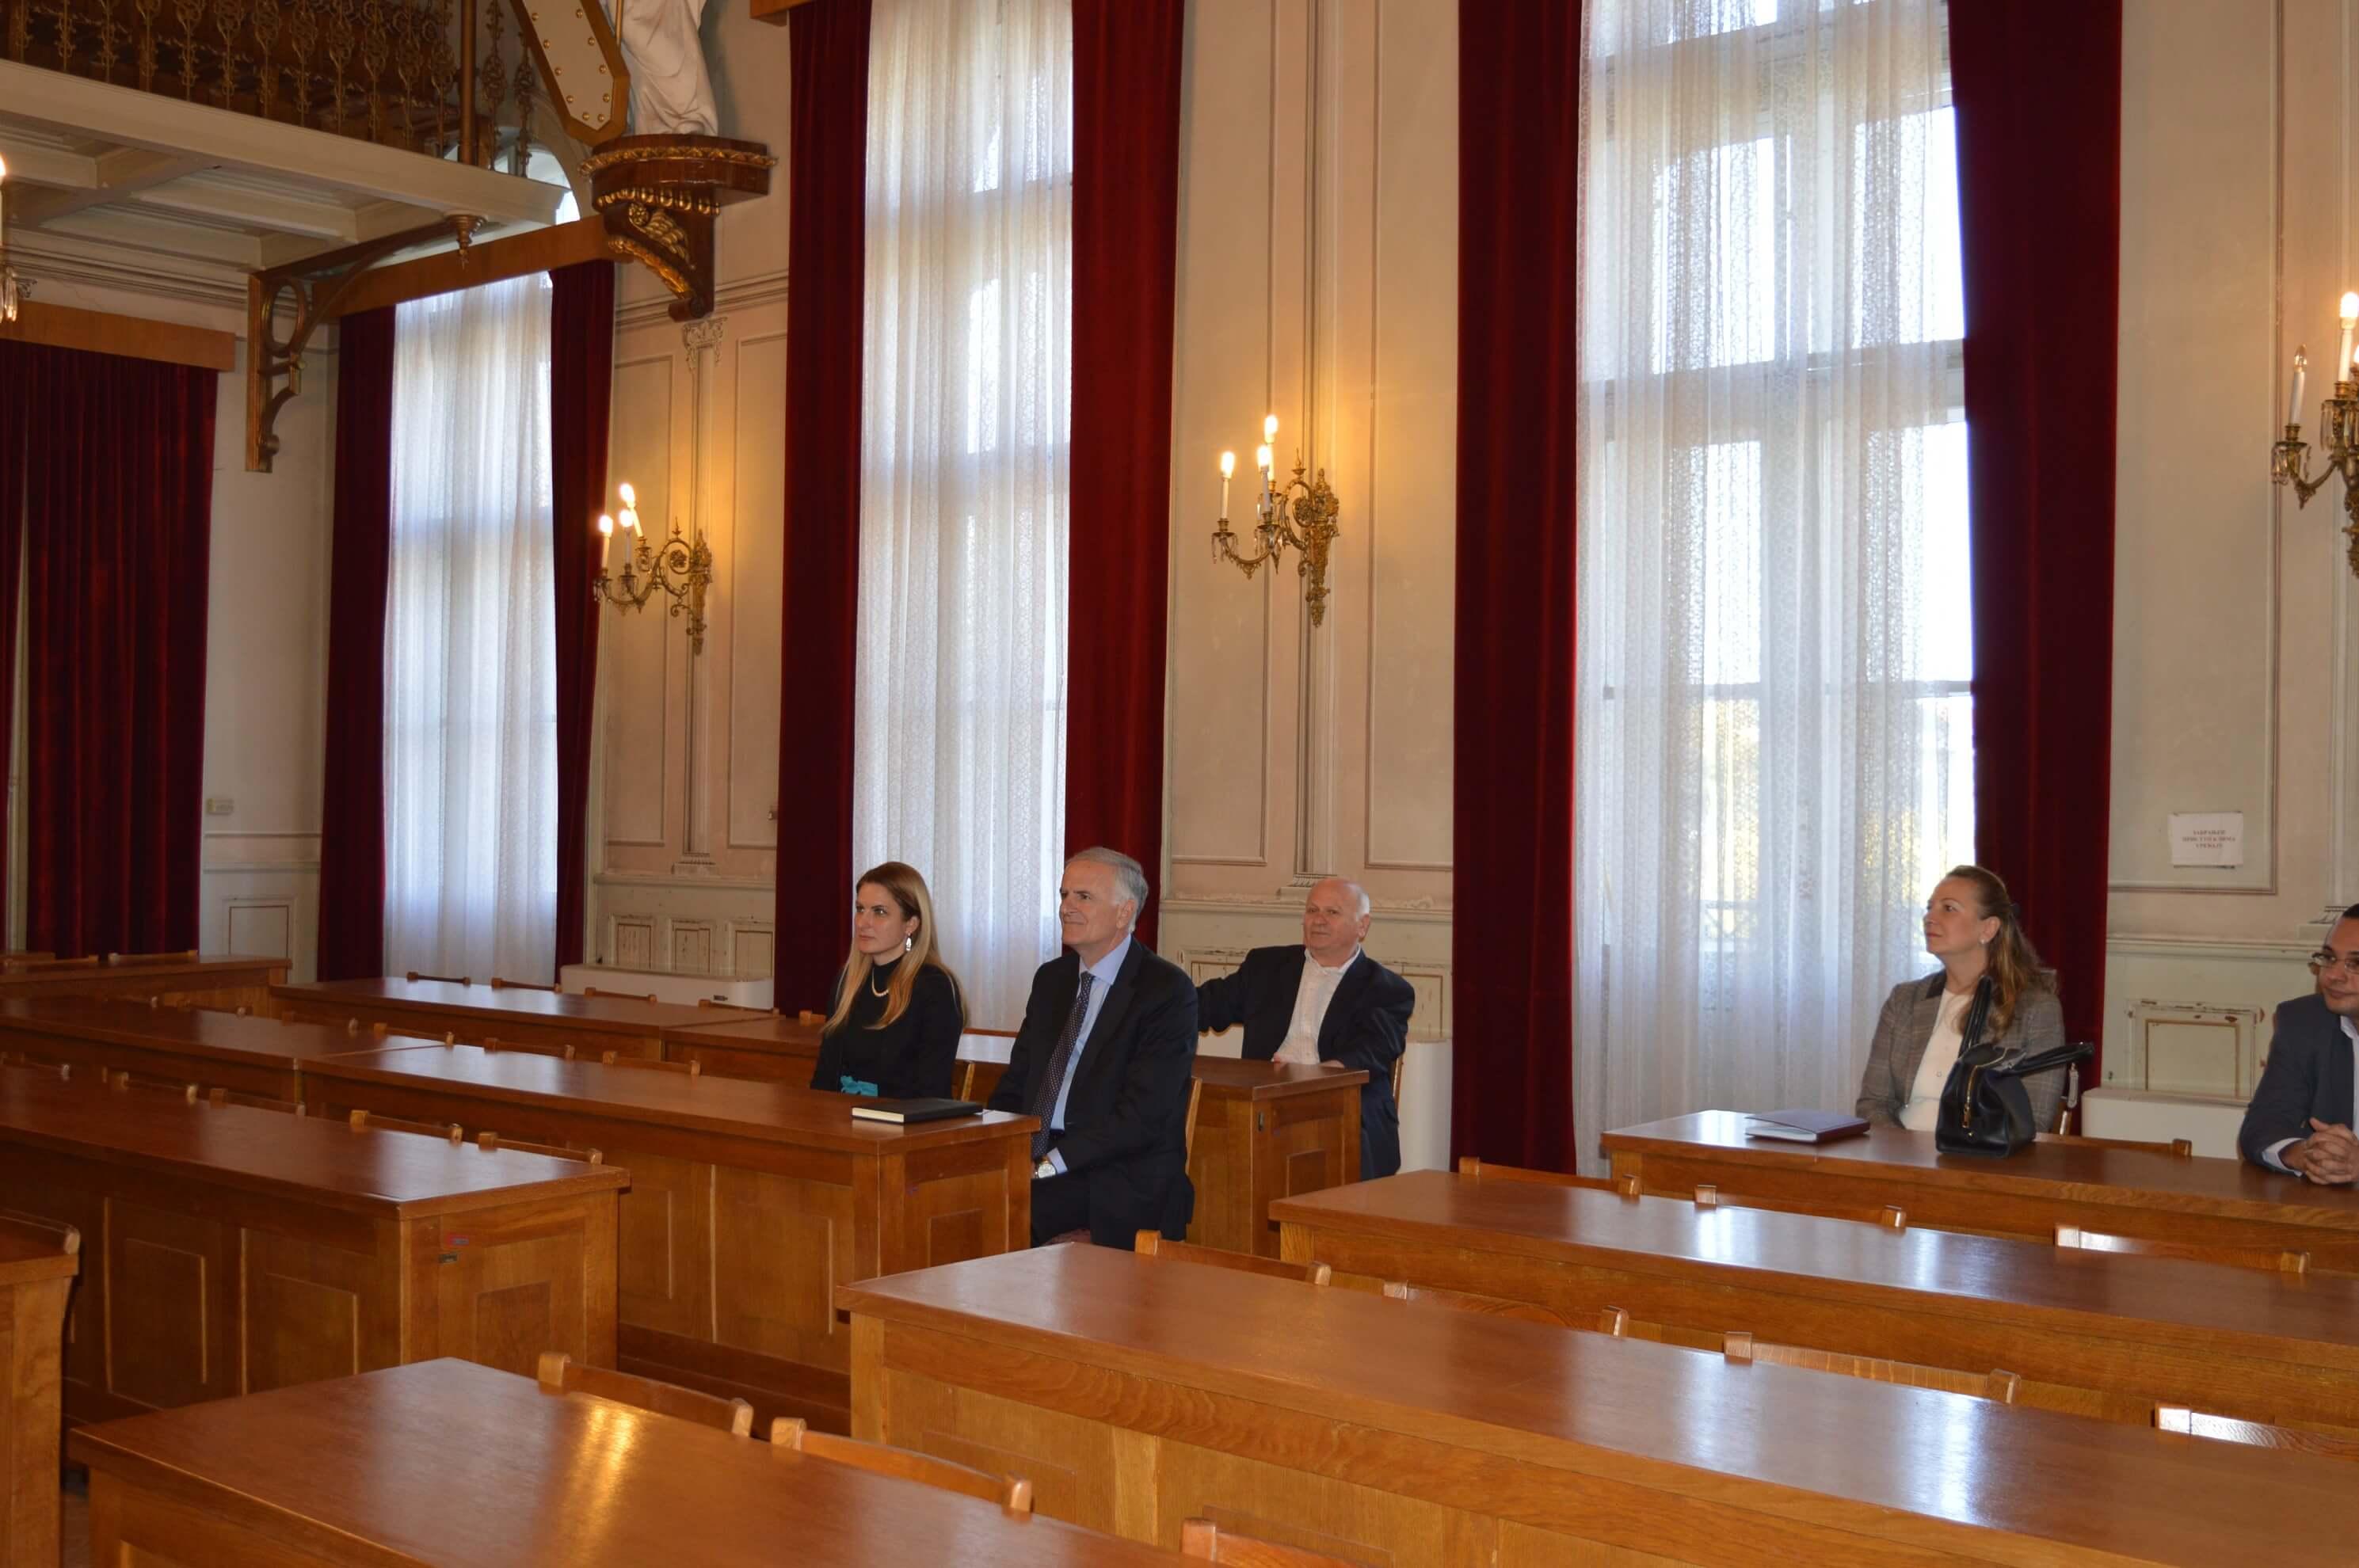 Локалне власти као најближе грађанима, представљају ниво јавне управе задужен за локализацију спровођења циљева одрживог развоја истакла градоначелница Сомбора